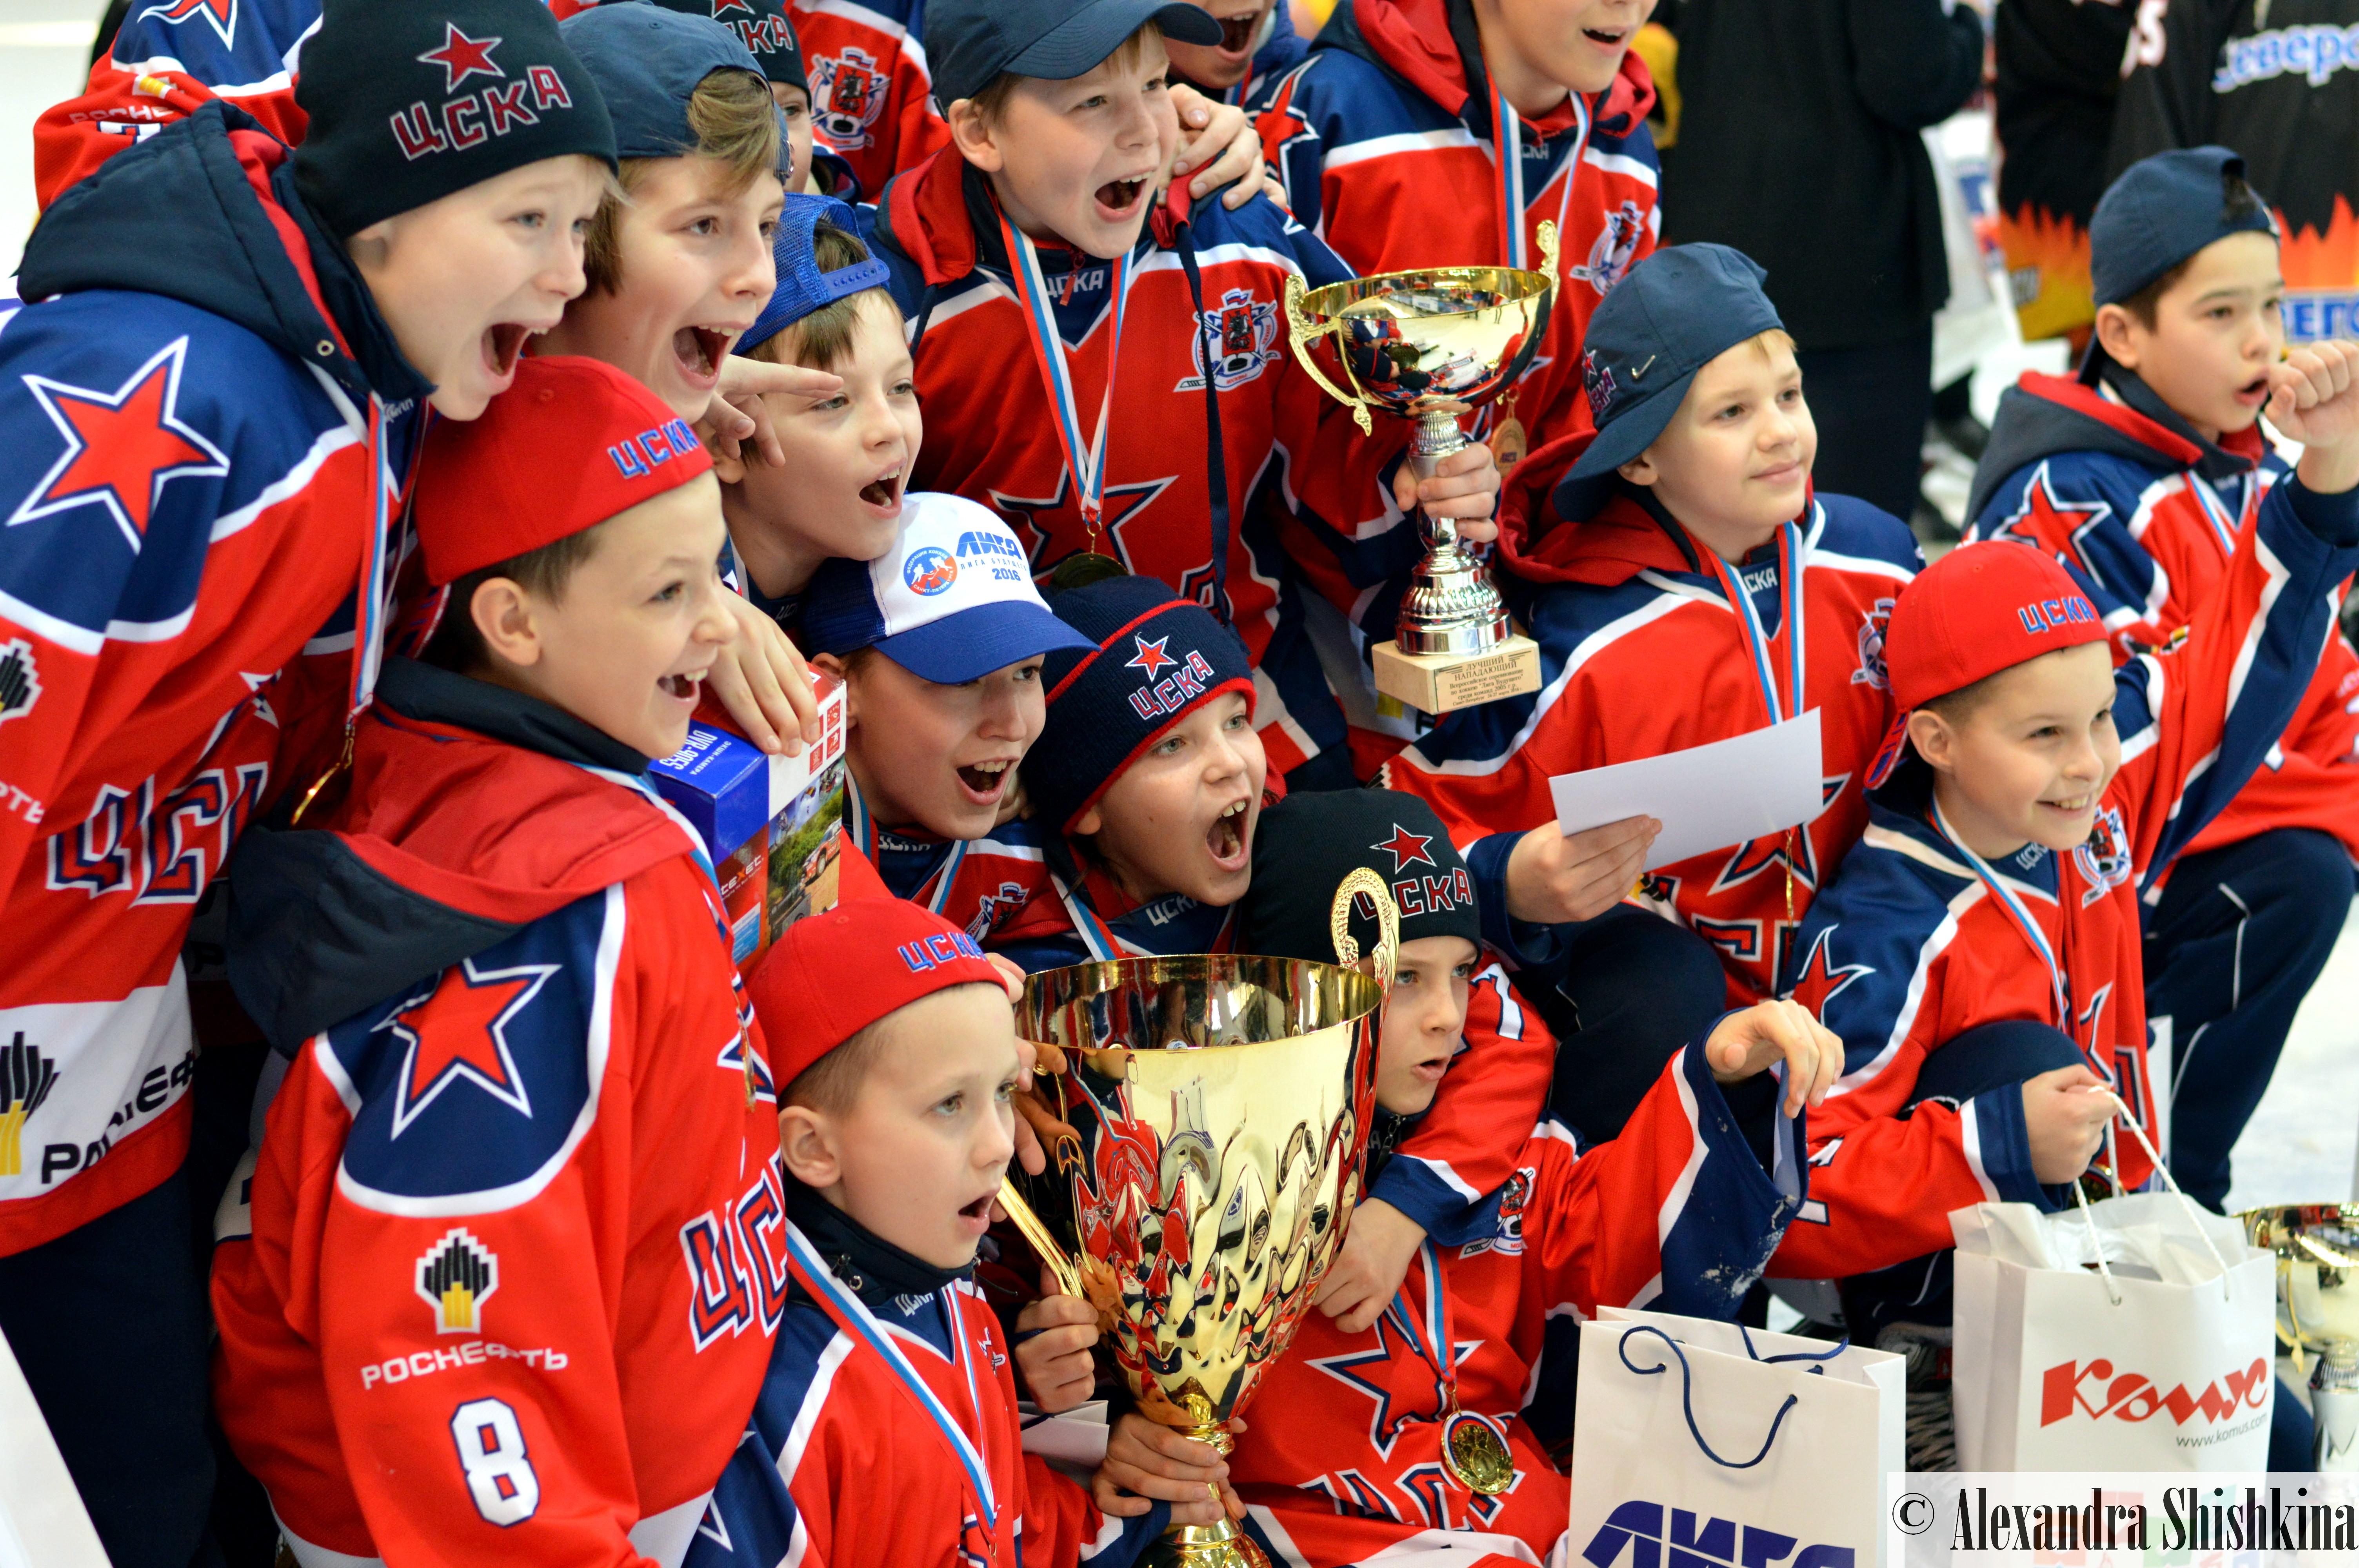 В Санкт-Петербурге состоится соревнование по детскому хоккею  «Лига Будущего»